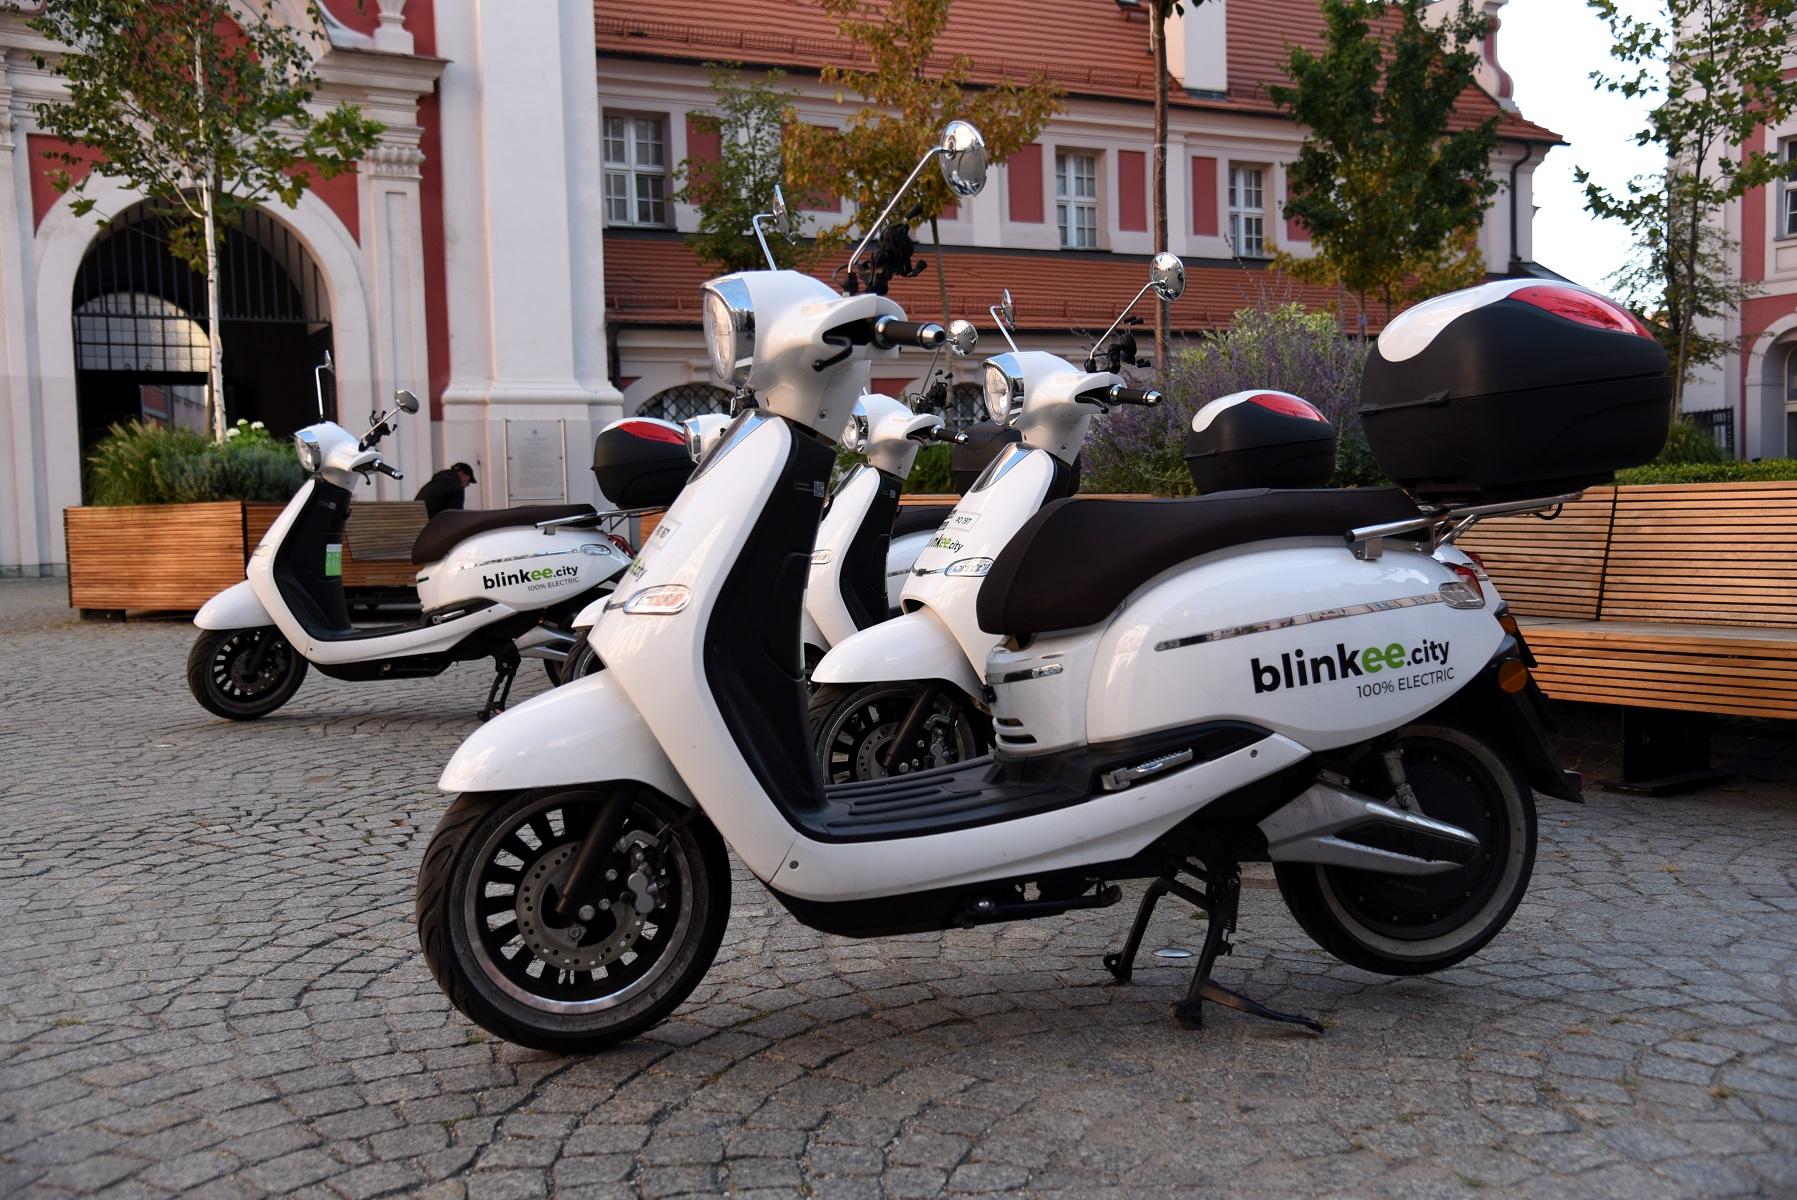 Scooter-sharing to ekologiczne rozwiązanie, dzięki któremu mieszkańcy mogą sprawnie i bez problemów z parkowaniem przemieszczać się po mieście (fot.poznan.pl)